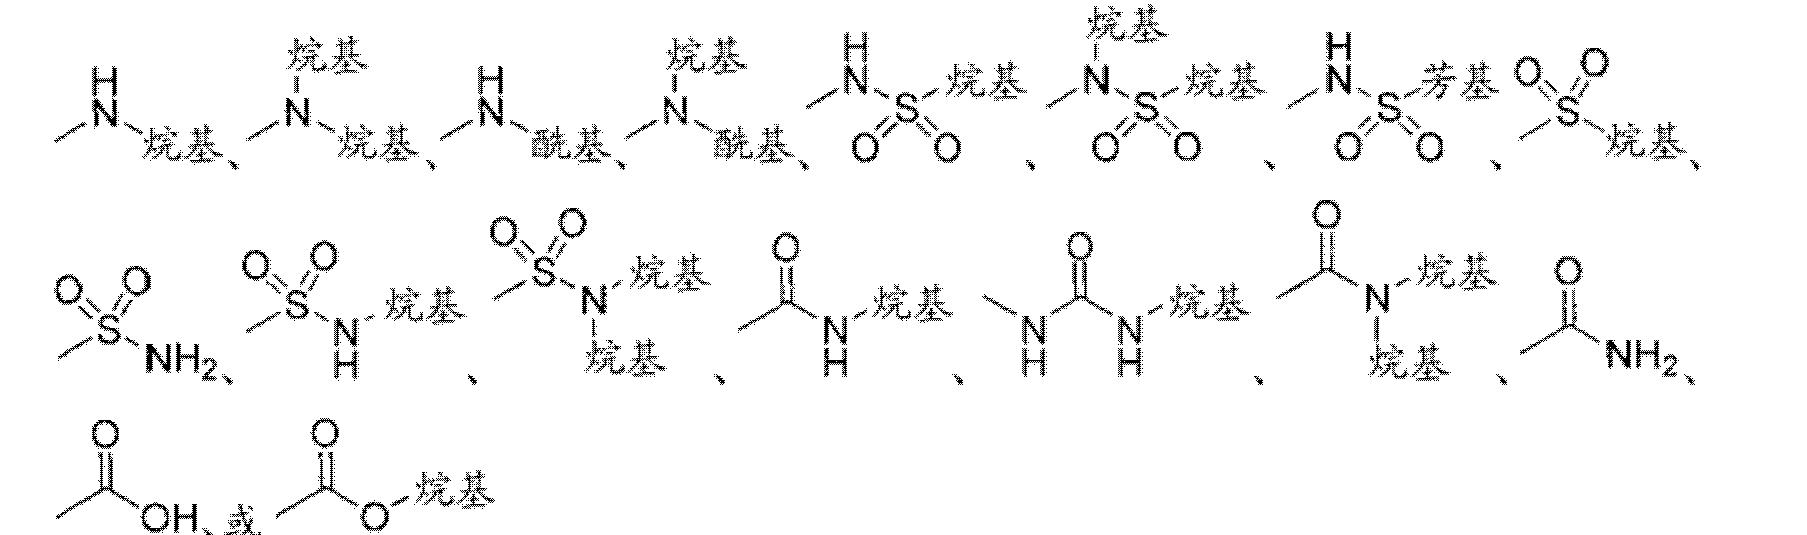 Figure CN102448458BD00592